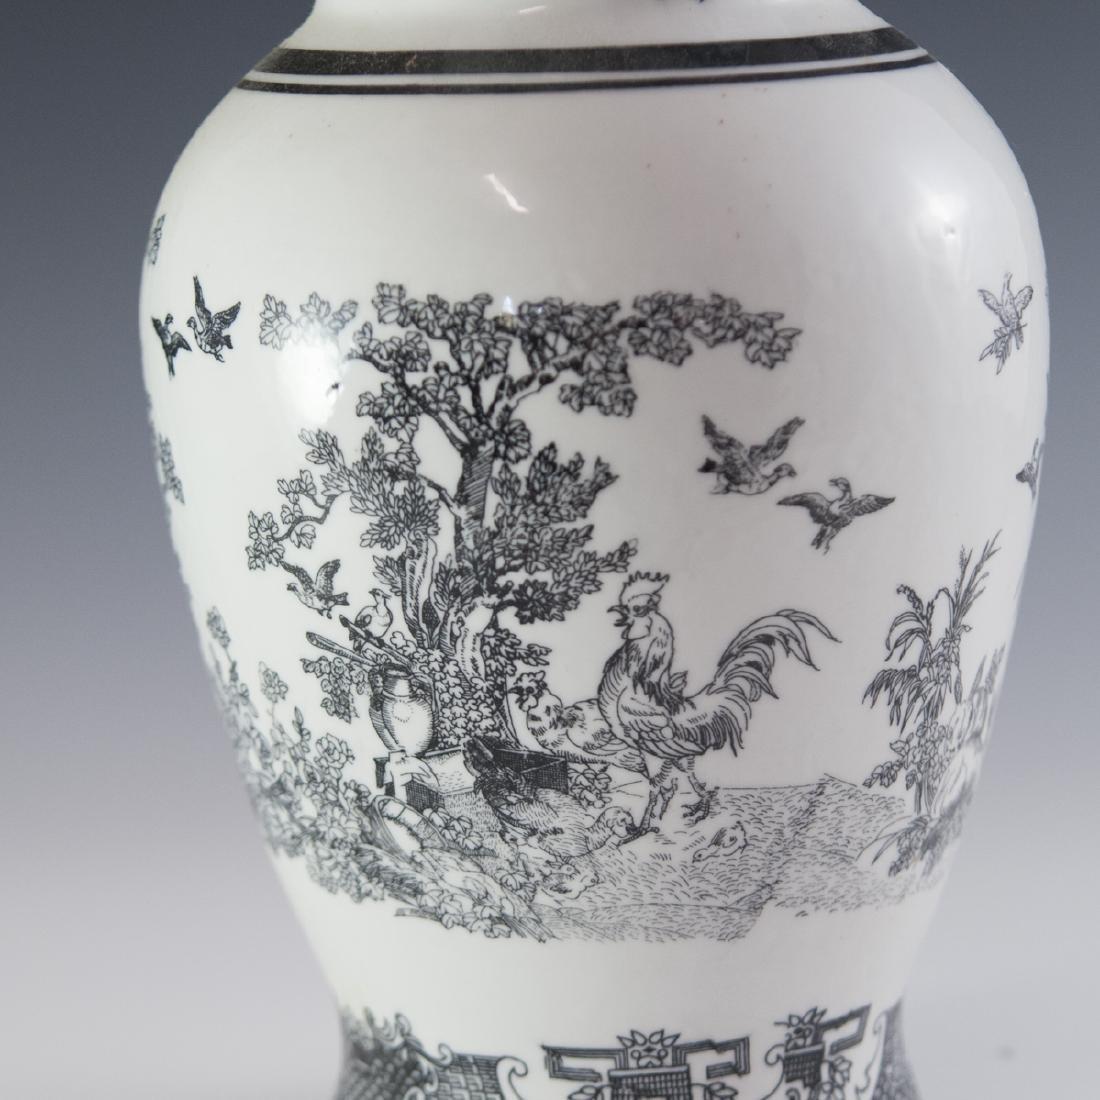 Decorative Chinese Porcelain Vase - 4